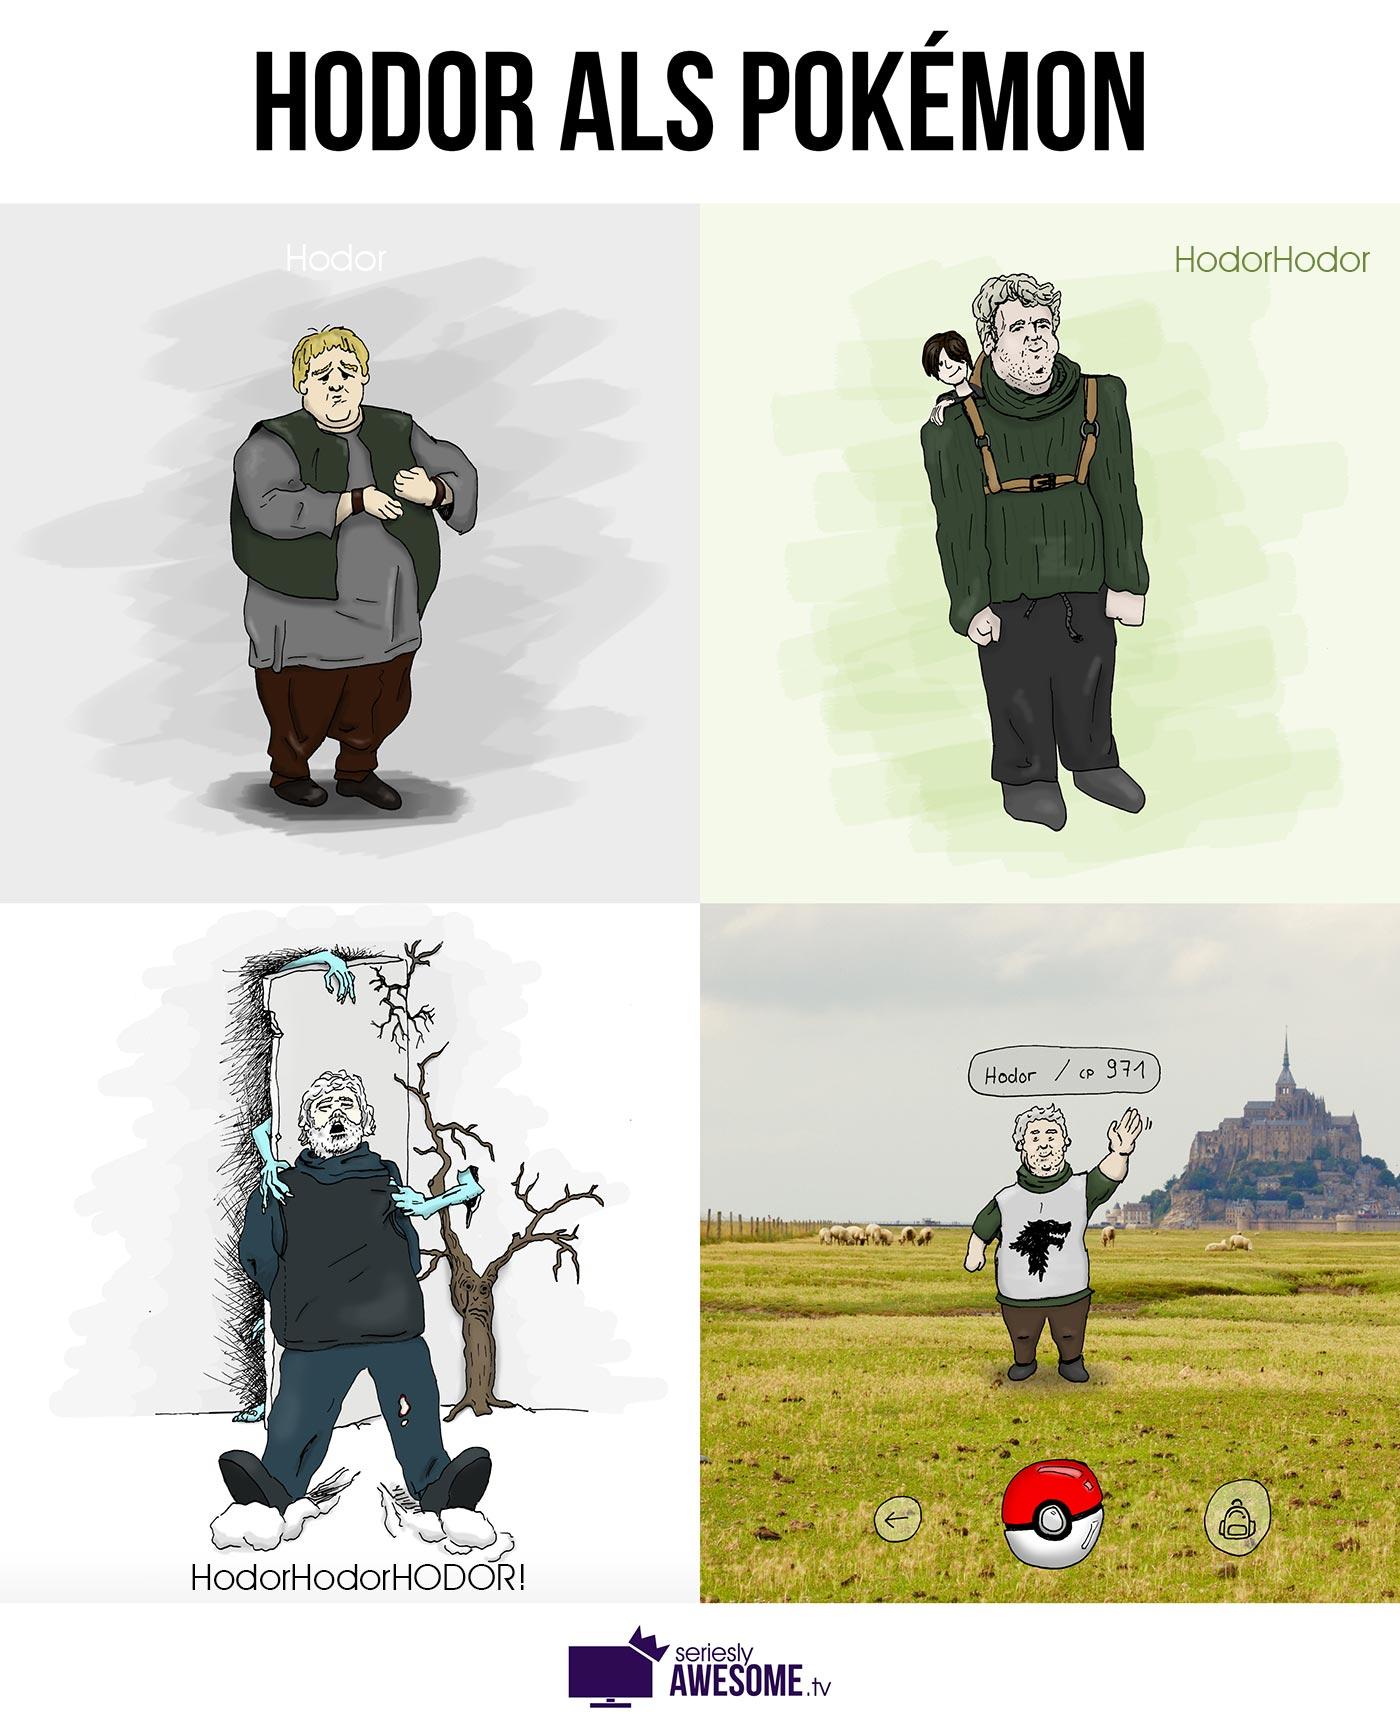 Hodor als Pokémon Hodor_Pokemon_1200